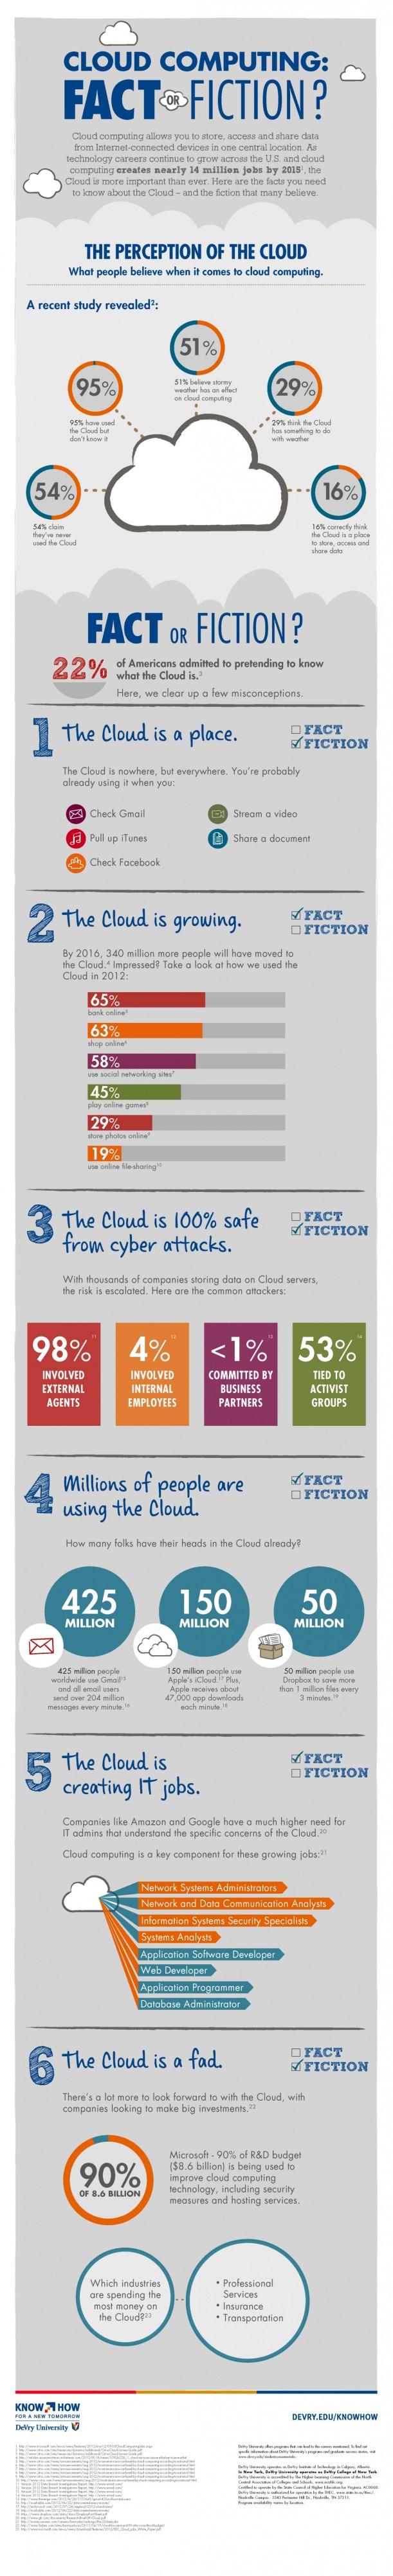 cloud-computing--fact-or-fiction_50e70989a7e6c_w1138